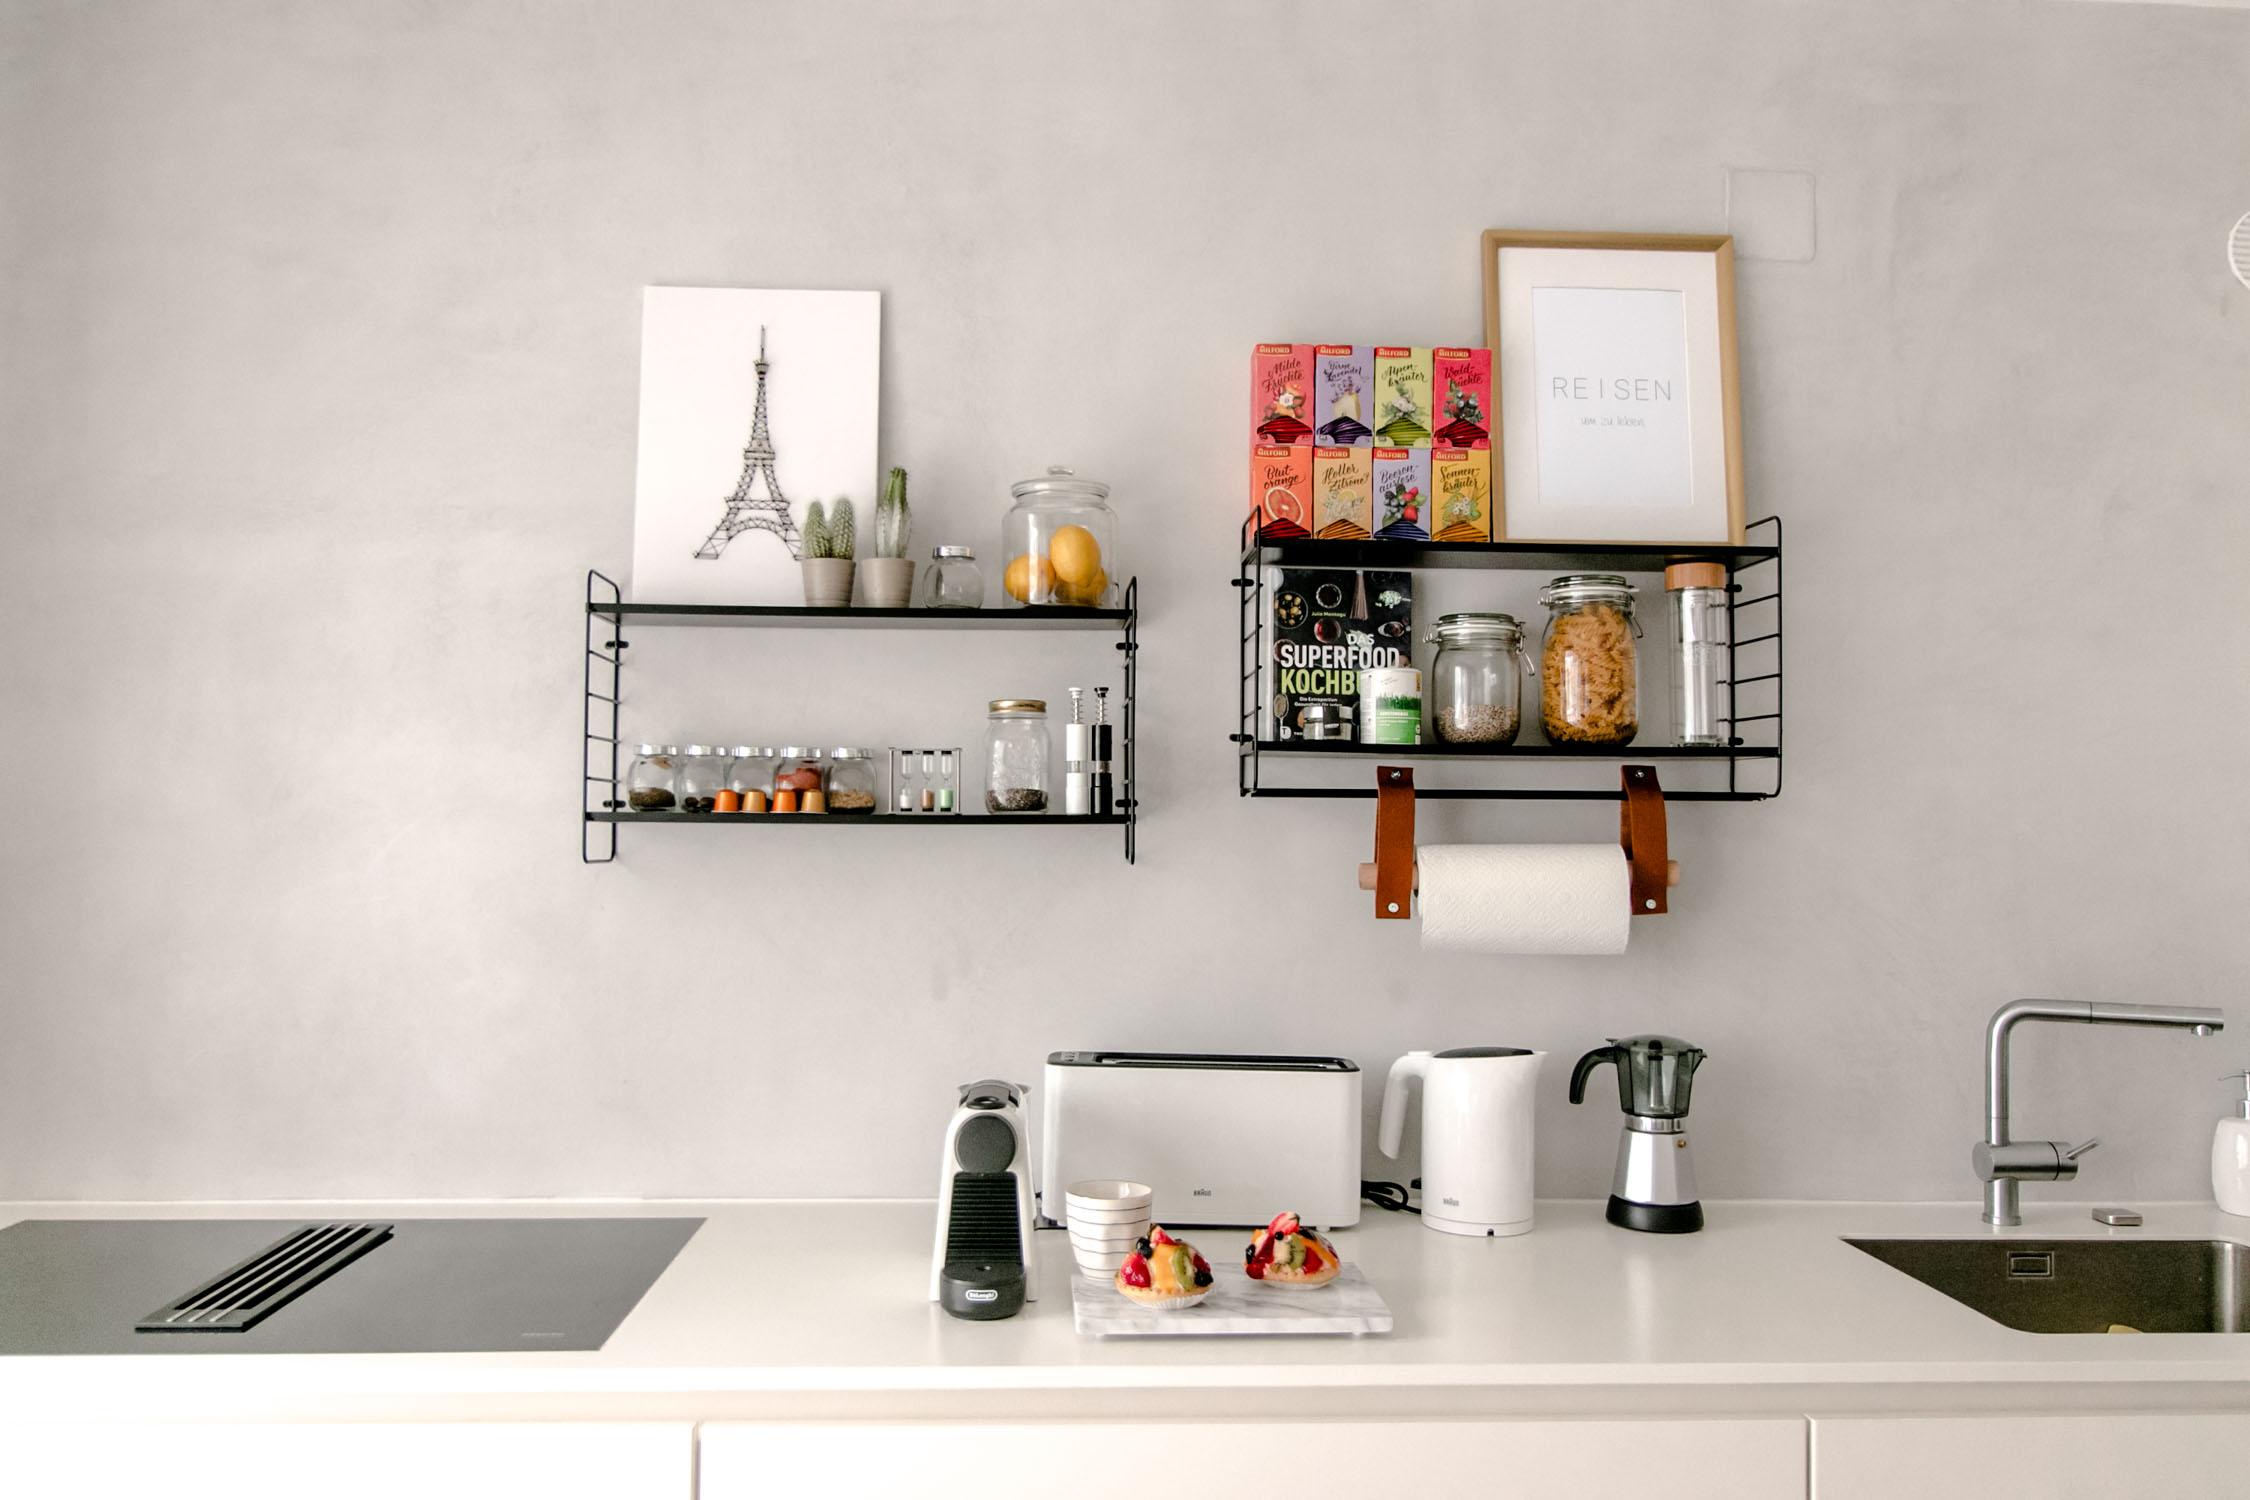 Must Haves für die Küche: Küchengeräte & Accessoires, die du brauchst